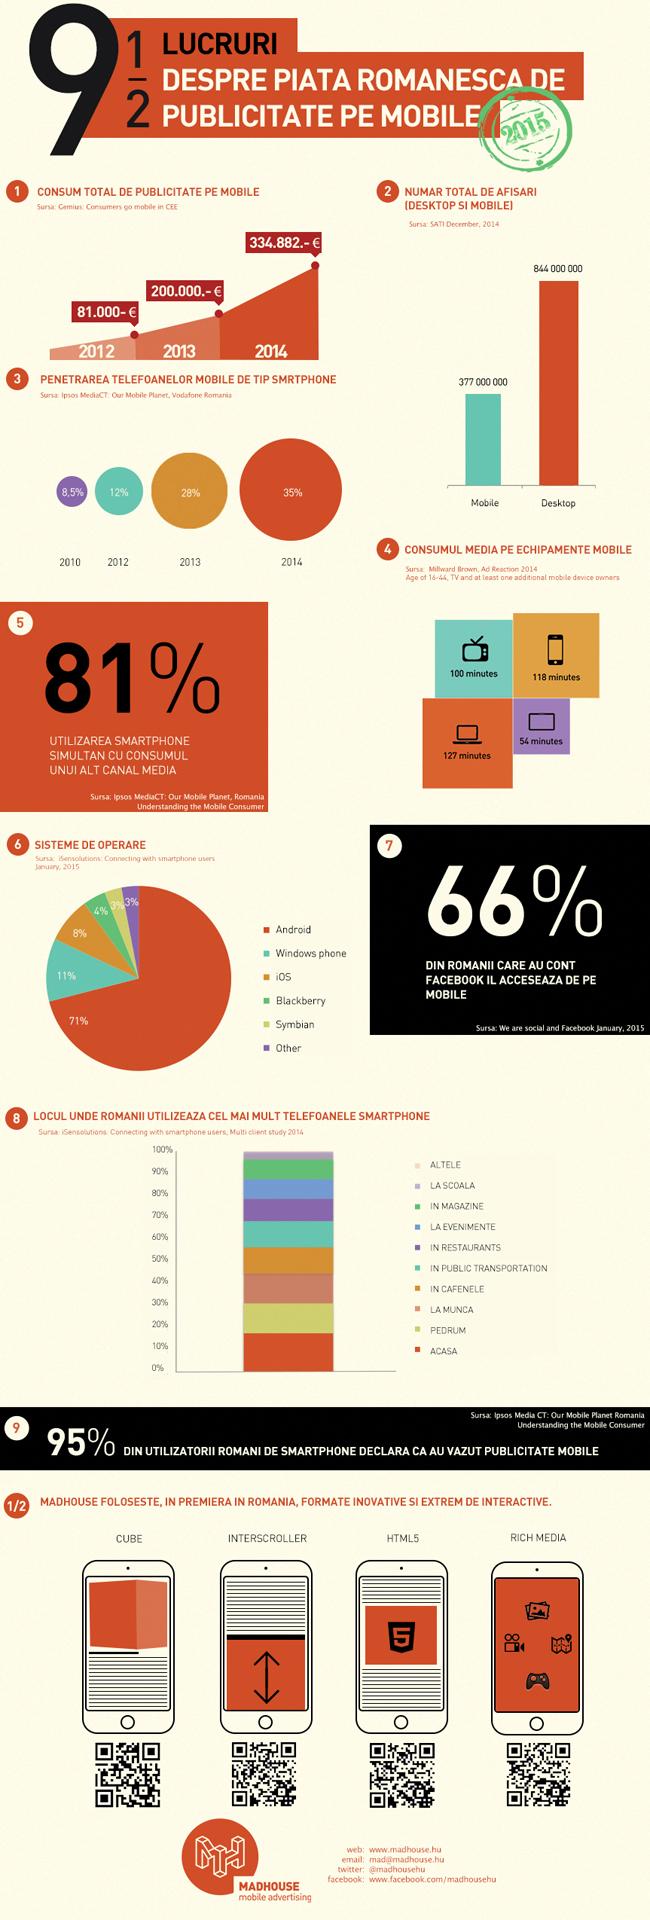 Publicitatea pe dispozitive mobile își dublează volumul de la an la an